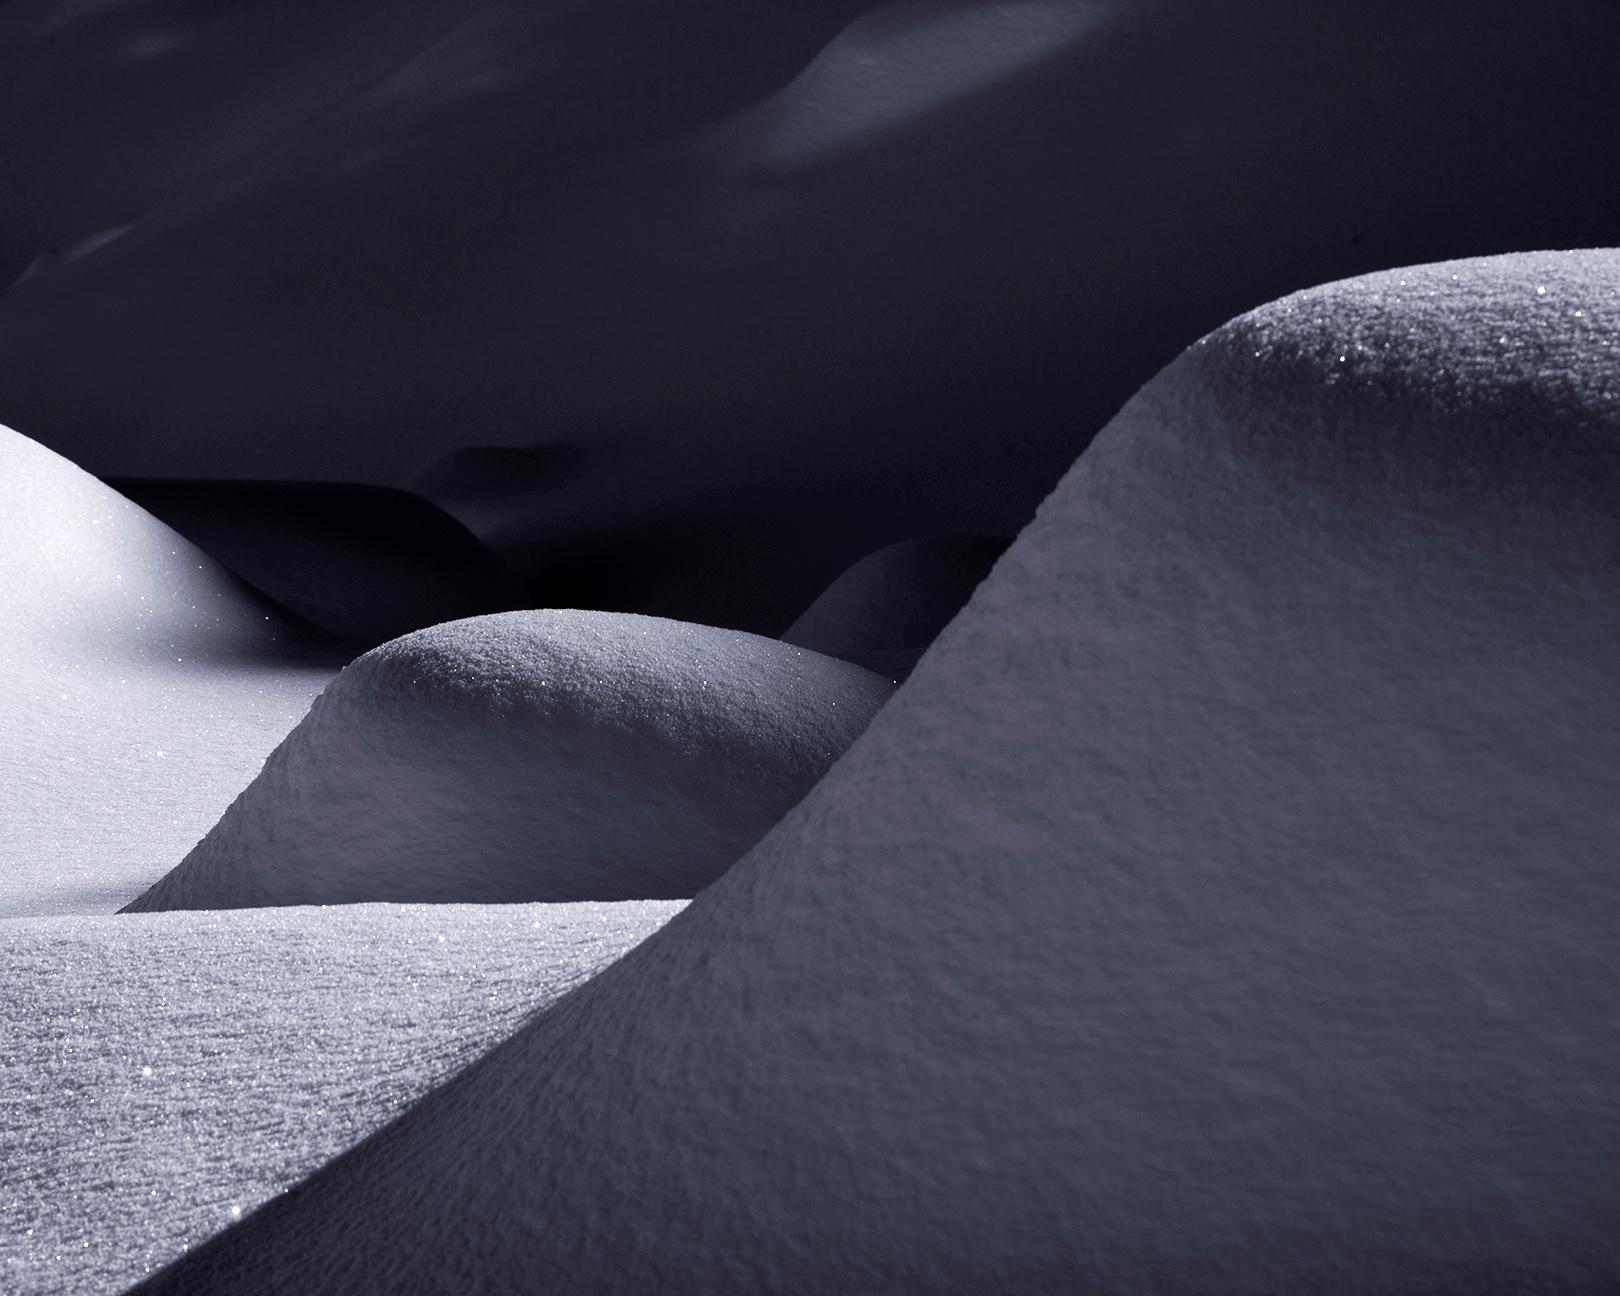 Sensuous Snow III, 2013